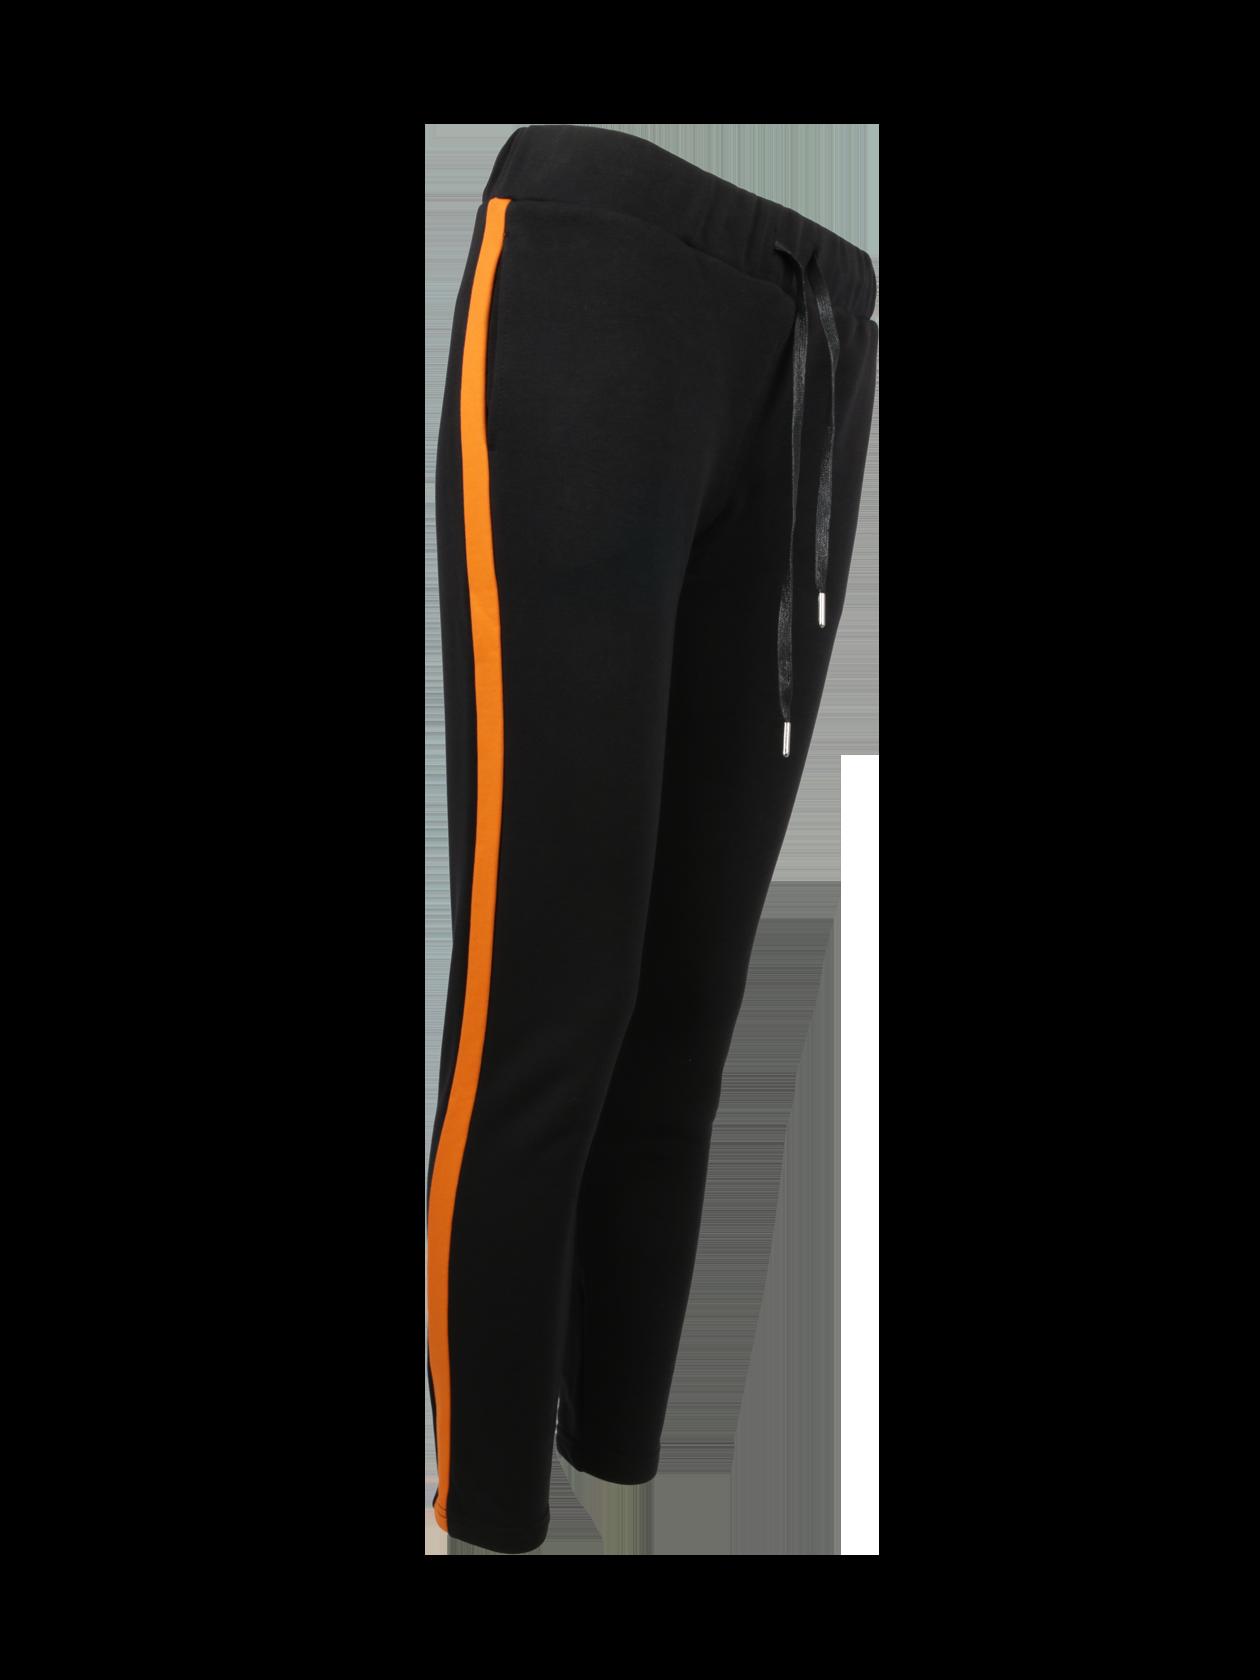 Брюки женские FIRE FLAMEБрюки женские Fire Flame из коллекции Orange Flame, представленной брендом Black Star Wear. Модель спортивного стиля обладает прямым полуприлегающим силуэтом. Традиционный черный цвет отлично впишется в базовый гардероб. Лаконичные мотивы дополнены яркими элементами в виде оранжевых вертикальных вставок, расположенных по бокам изделия. Широкий пояс на резинке и завязках комфортно фиксирует брюки на фигуре. Особенностью вещи является материал – она сшита по секретной технологии из 100% хлопка класса «люкс».<br><br>Размер: S<br>Цвет: Черный/Оранжевый<br>Пол: Женский